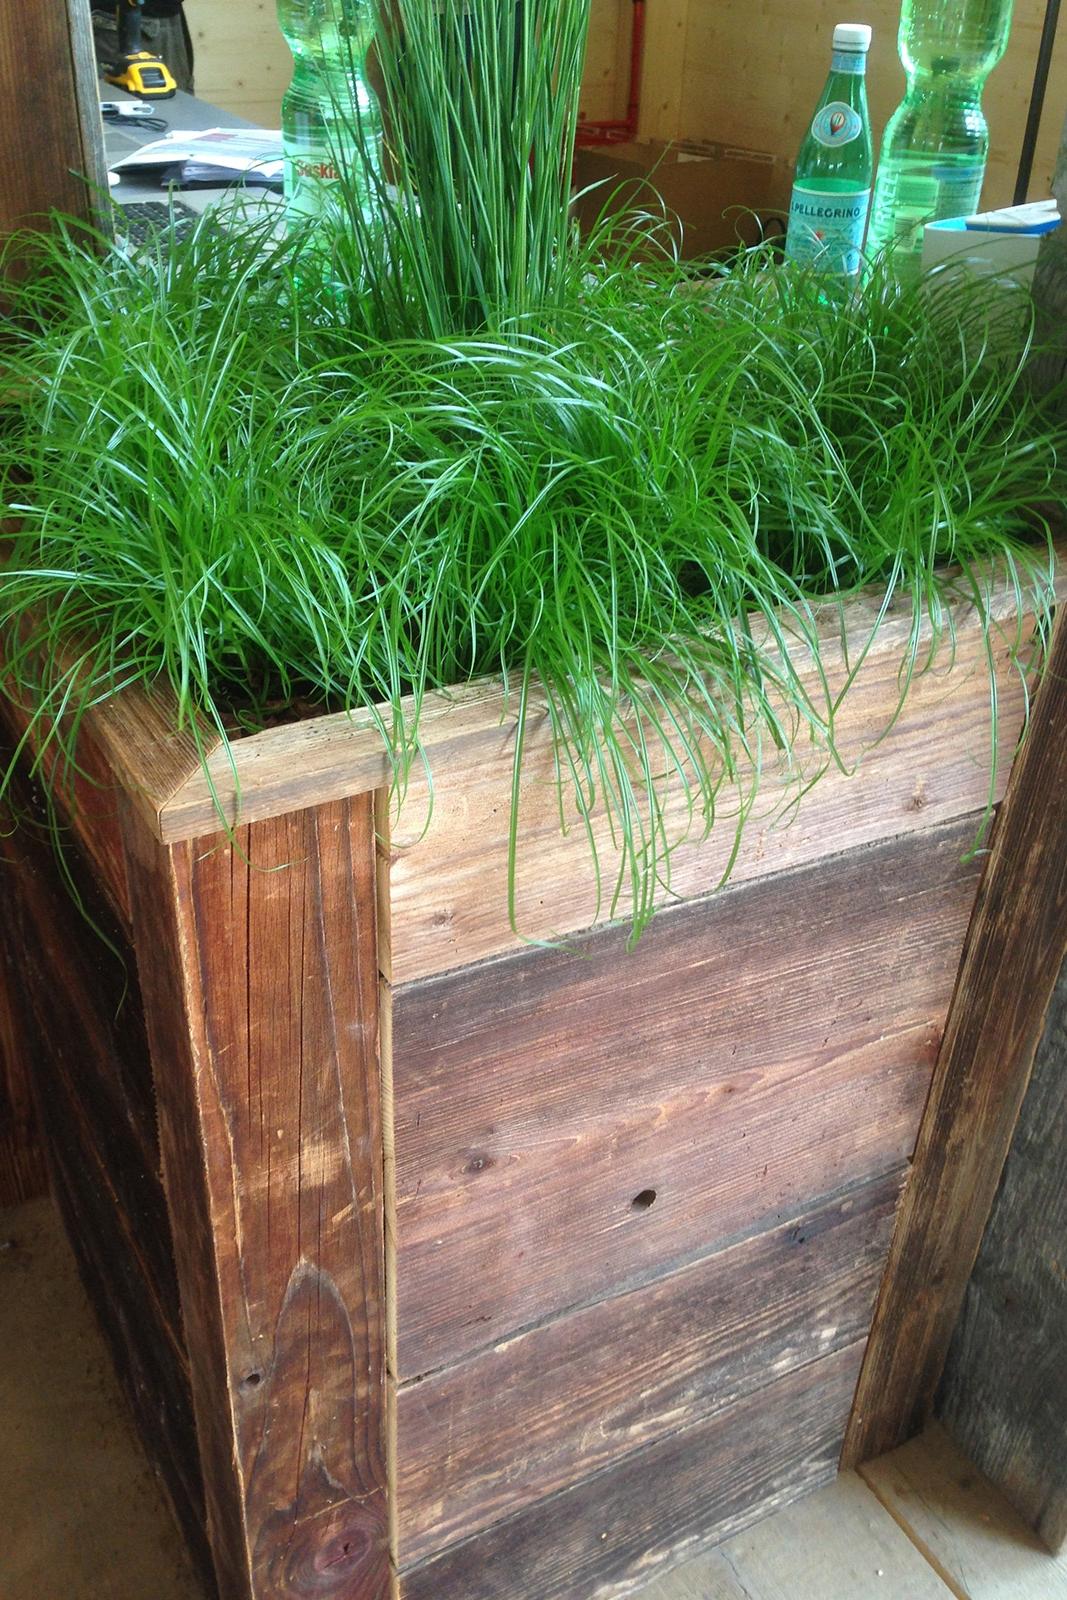 Gras in Holzkisten